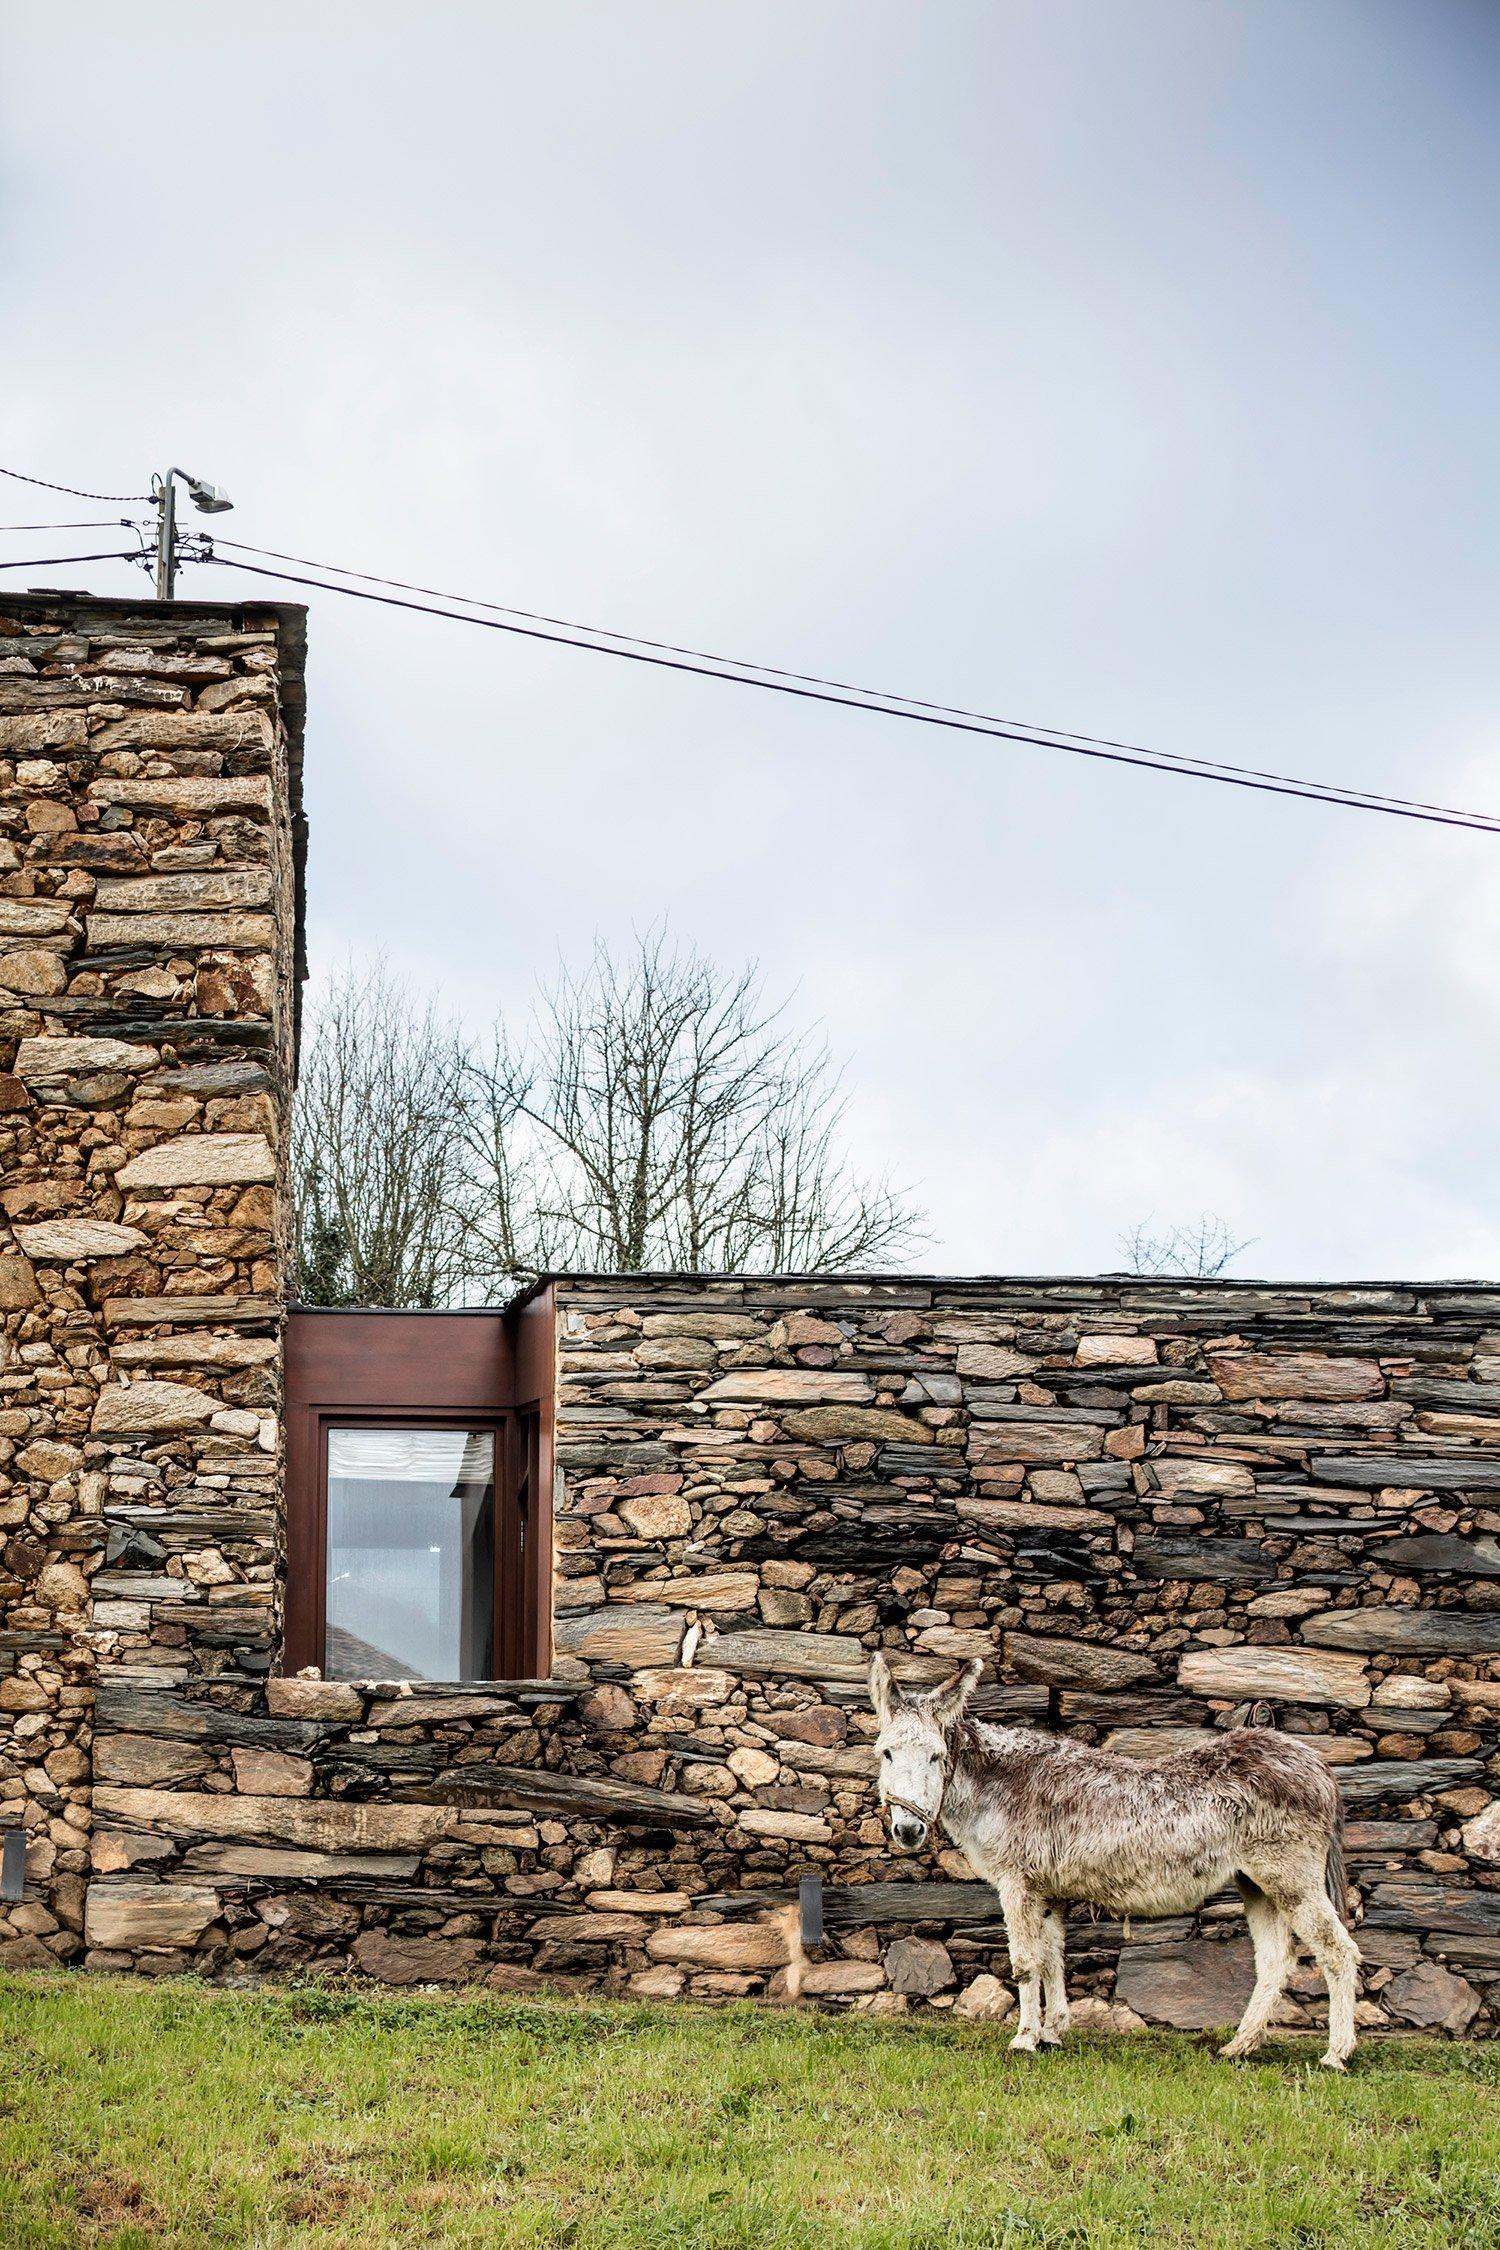 V okolí se pasou ovce a několik staletí staré kamenné zdi šeptají starodávné příběhy předešlých generací. Když ale kráčíte podél zdi prudkým svahem, zjistíte, že se netisknete ke starému vinnému sklípku, ale k moderní stavbě, které dokonale ctí už zašlé časy a zároveň využívá všech moderních technologií a majitelům poskytuje dokonalé pohodlí.